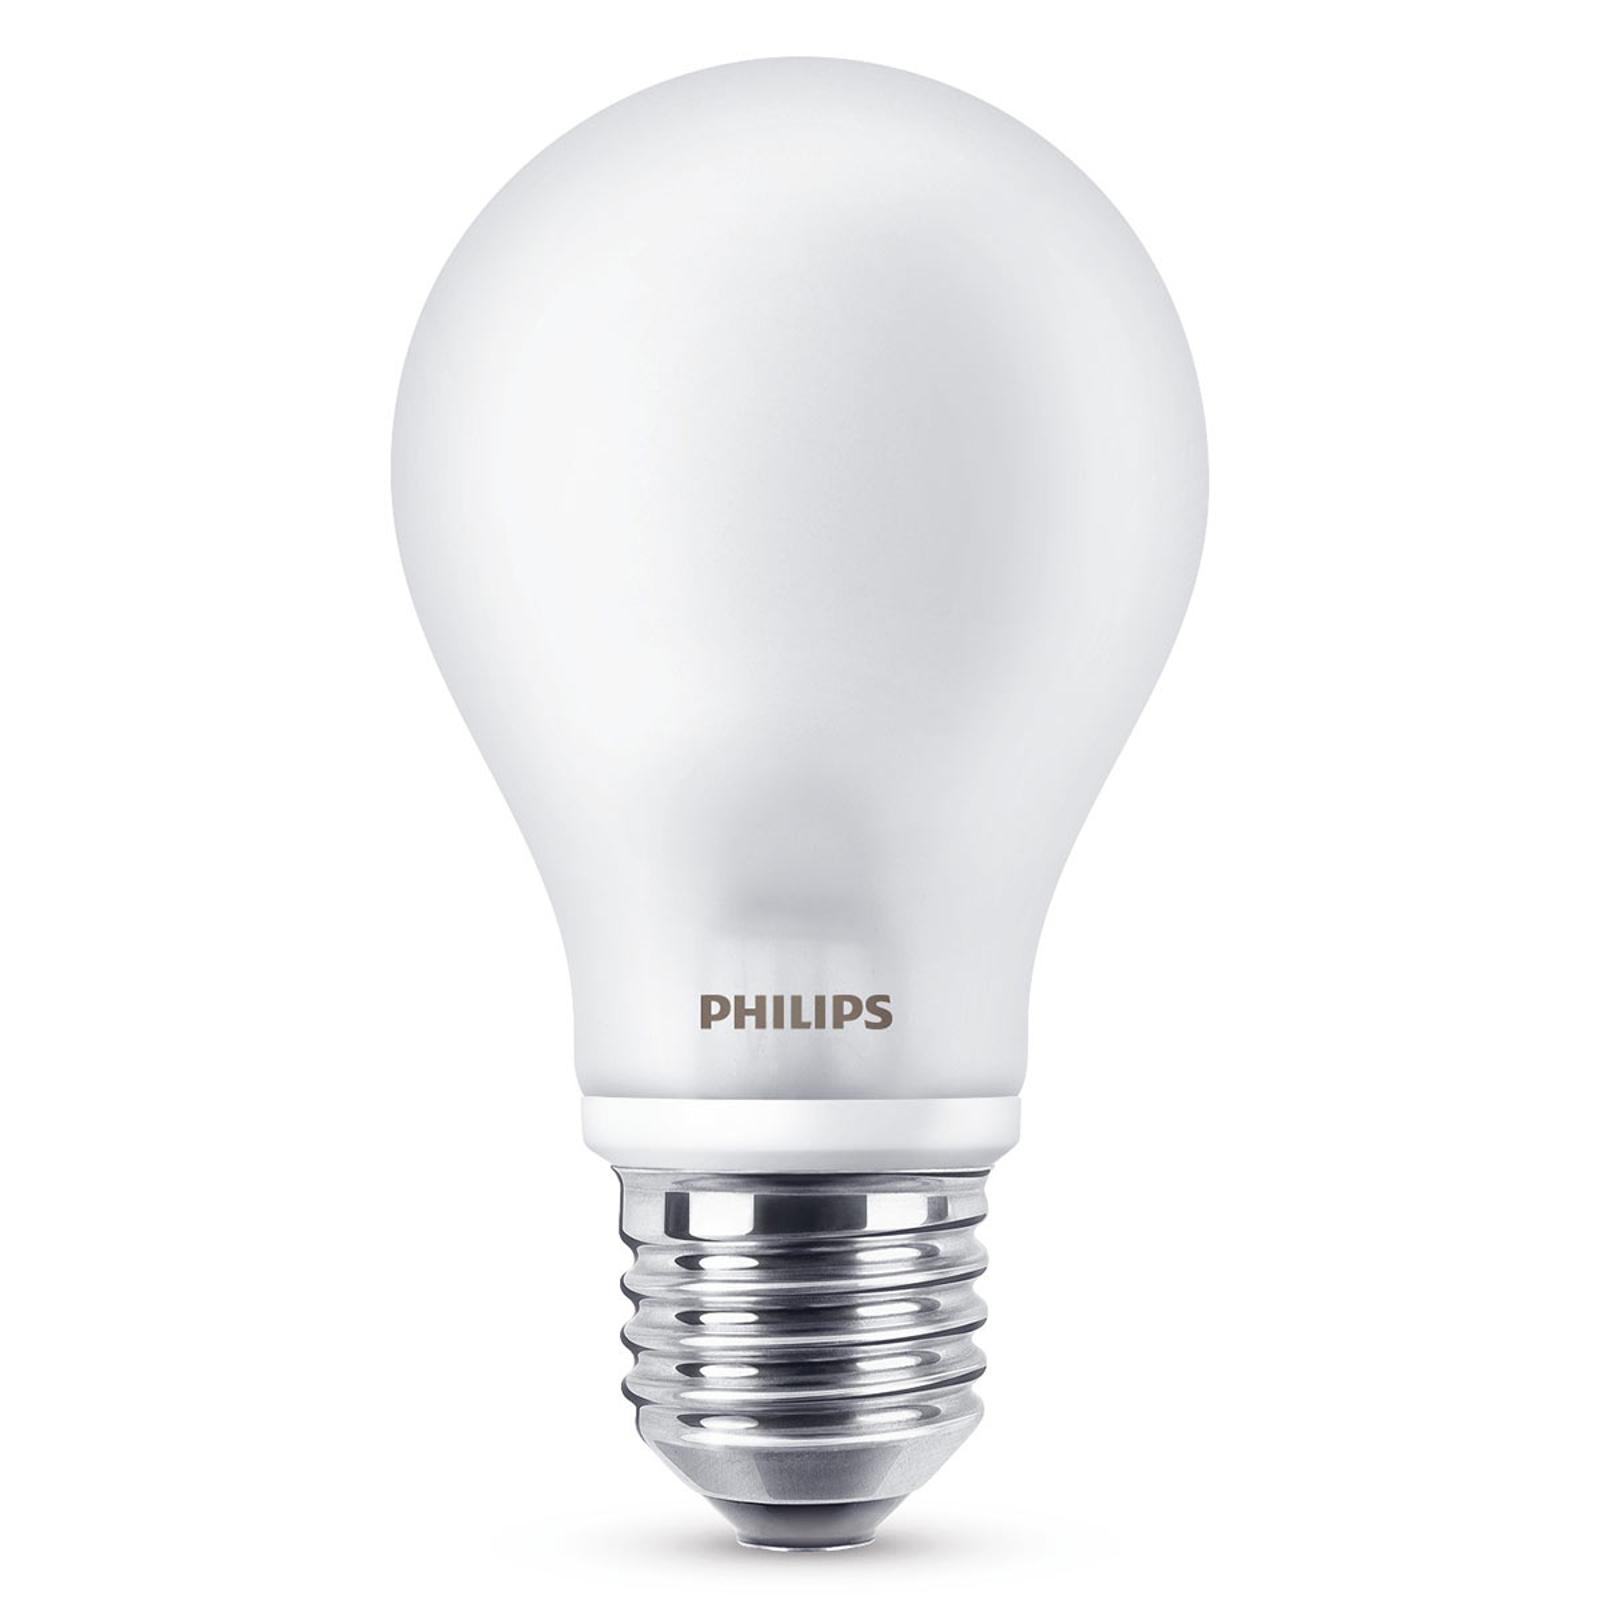 E27 A60 LED-pære 7 W 2700 K, matt